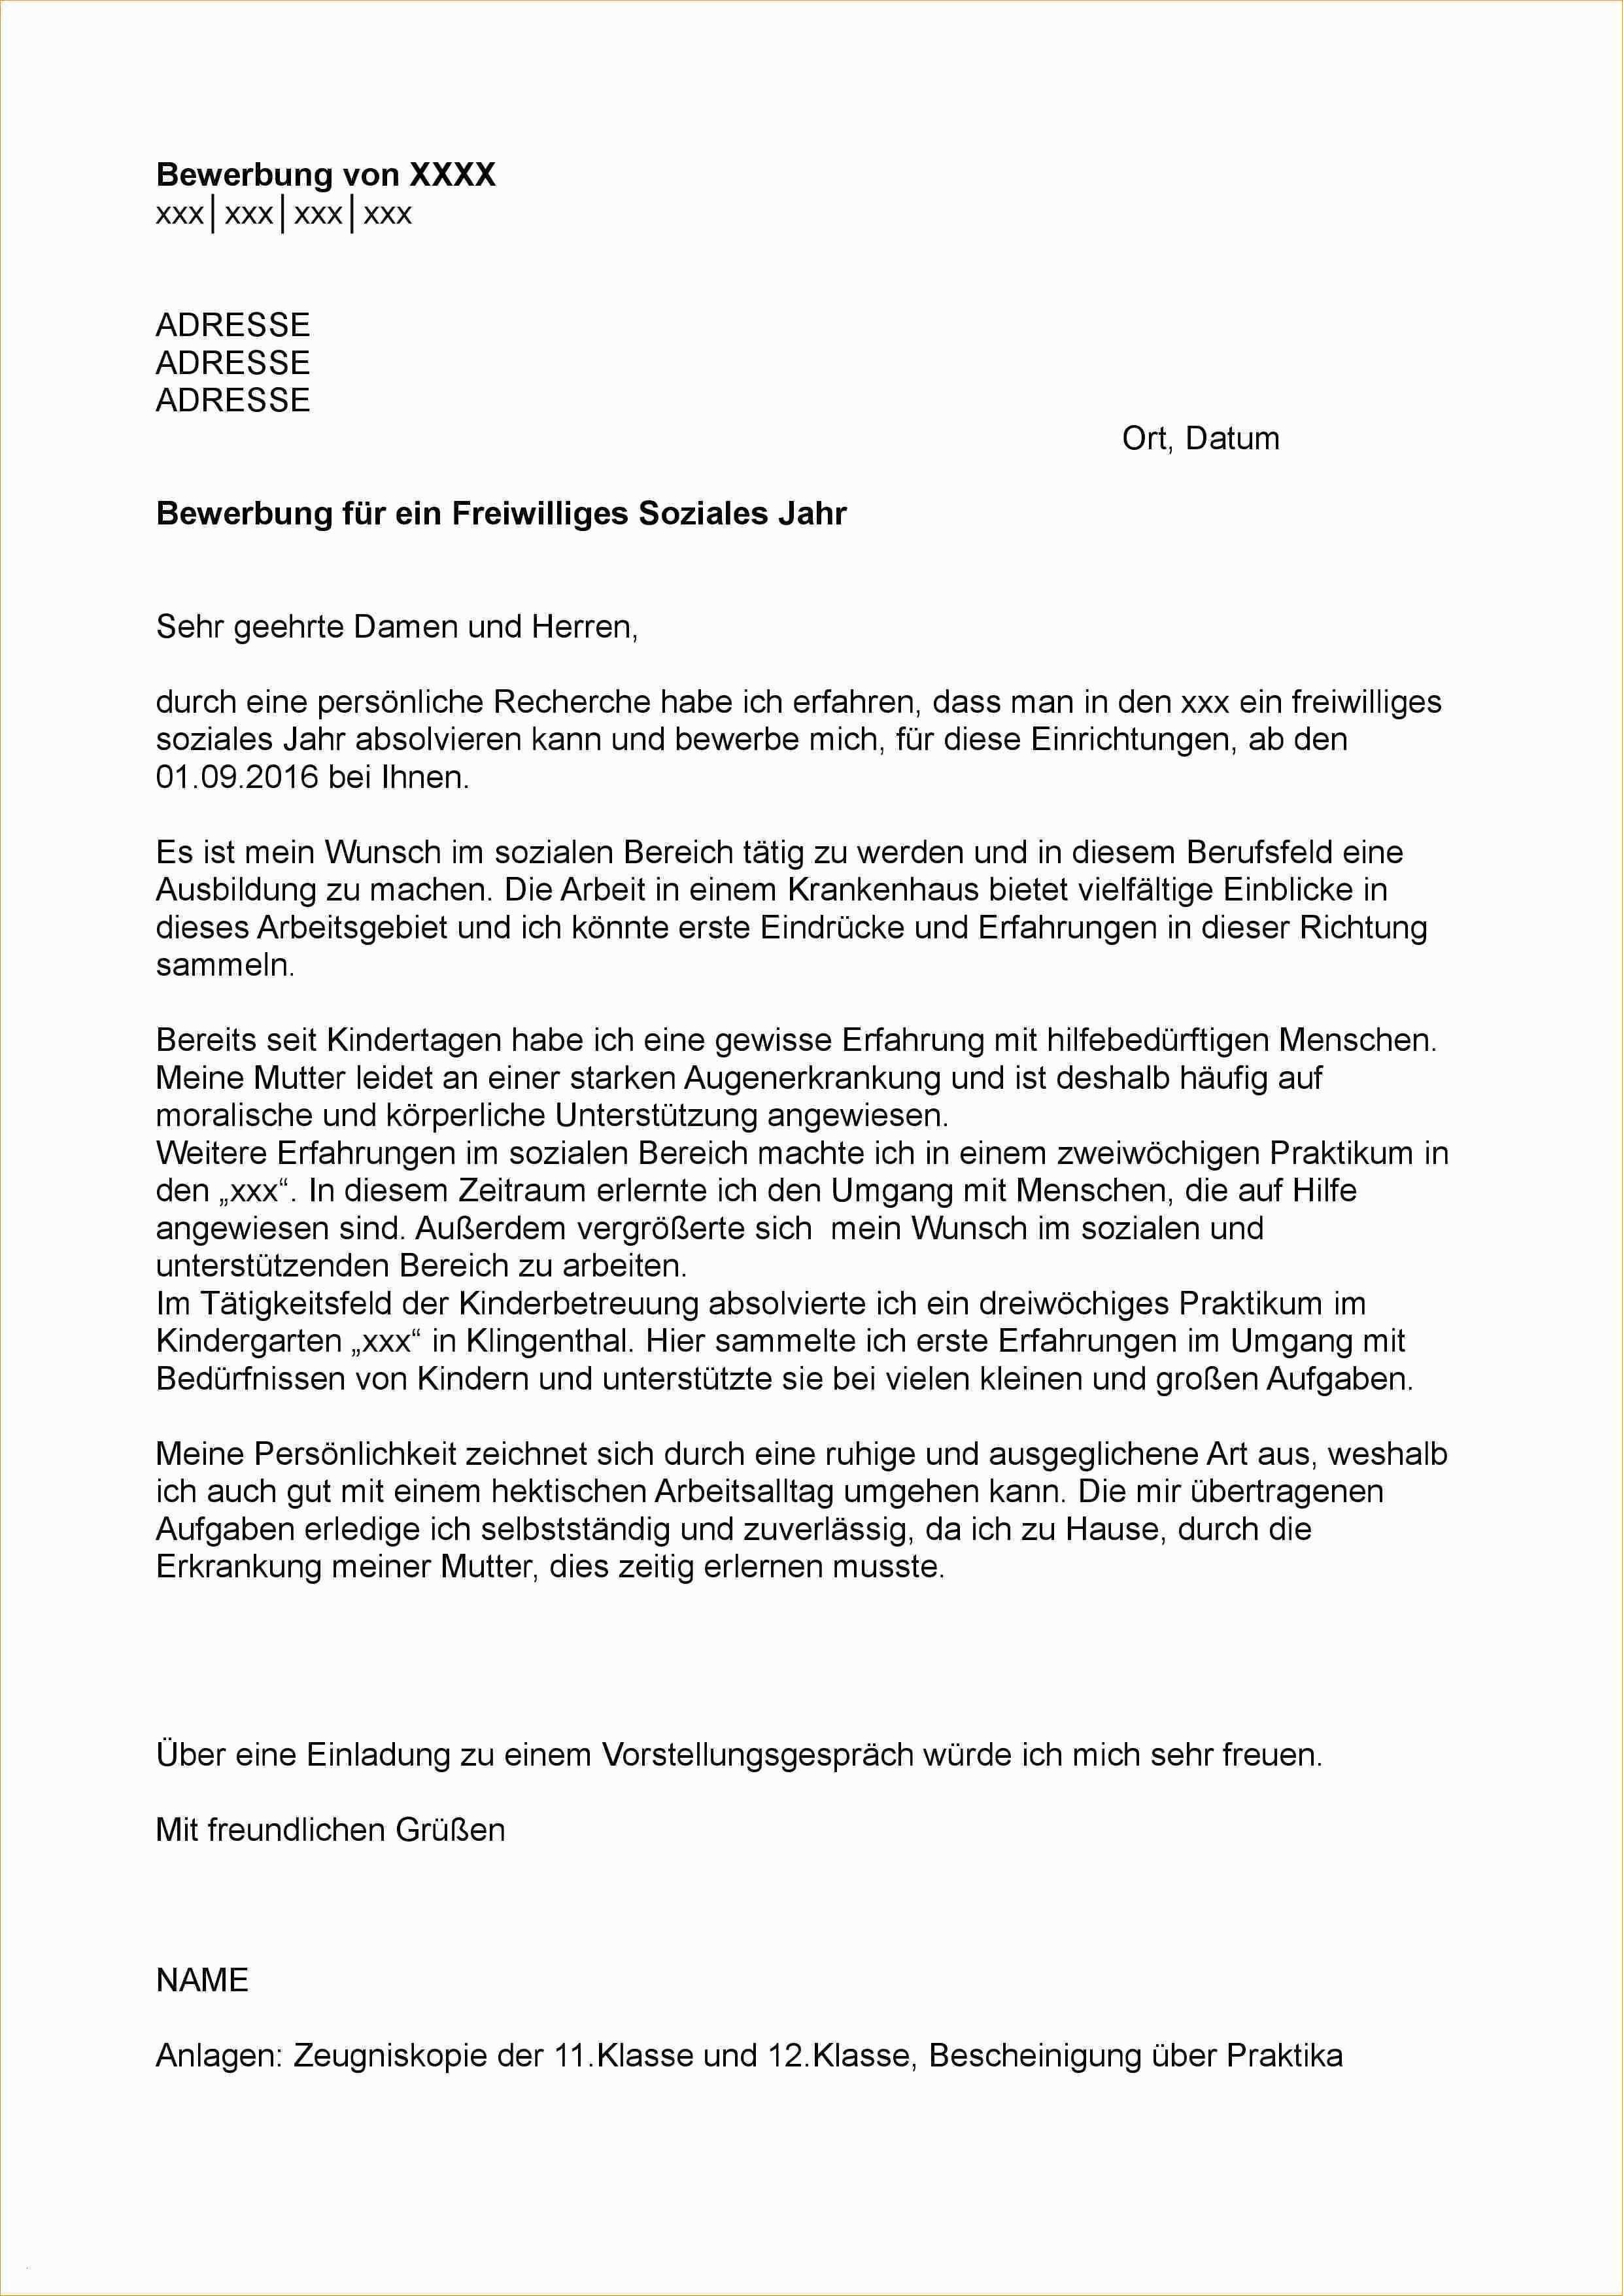 Einzigartig Bewerbung Als Hausmeister Quereinsteiger Briefprobe Briefformat Briefvorlage Bewerbung Schreiben Vorlagen Lebenslauf Bewerbung